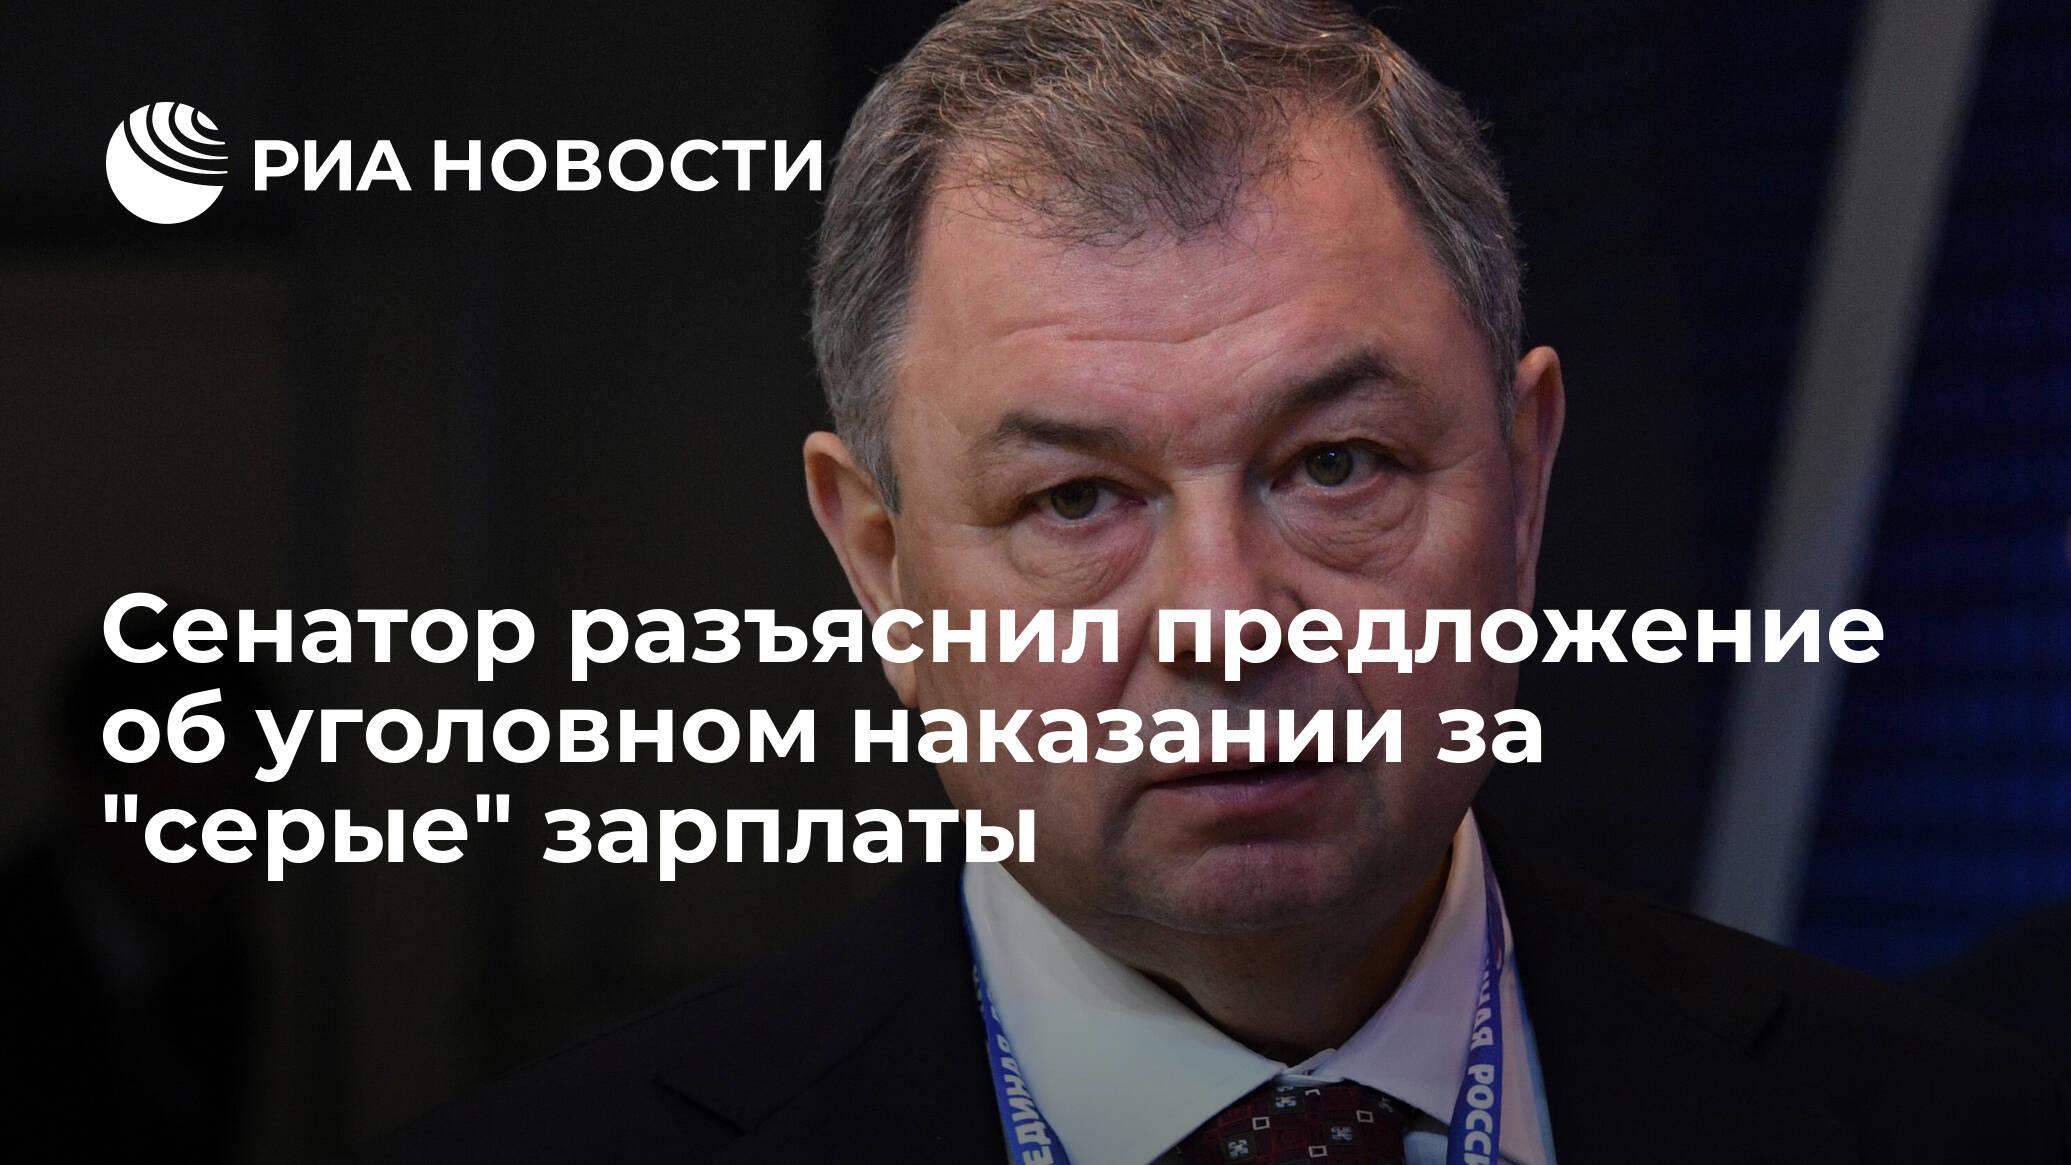 Сенатор разъяснил предложение об уголовном наказании за 'серые' зарплаты - РИА НОВОСТИ